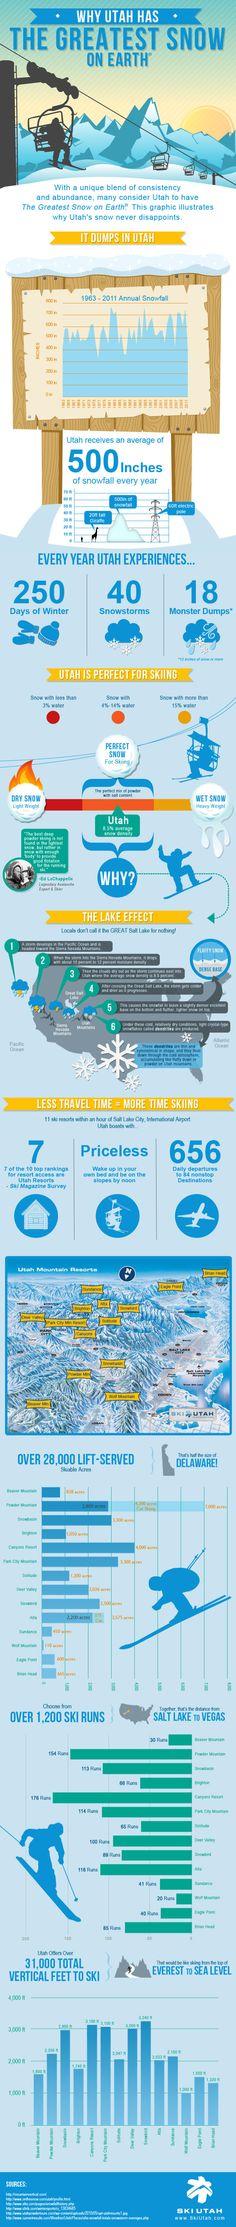 #snow #ski #travel #allinclusive #tips #tricks www.allinclusivetravel.ro